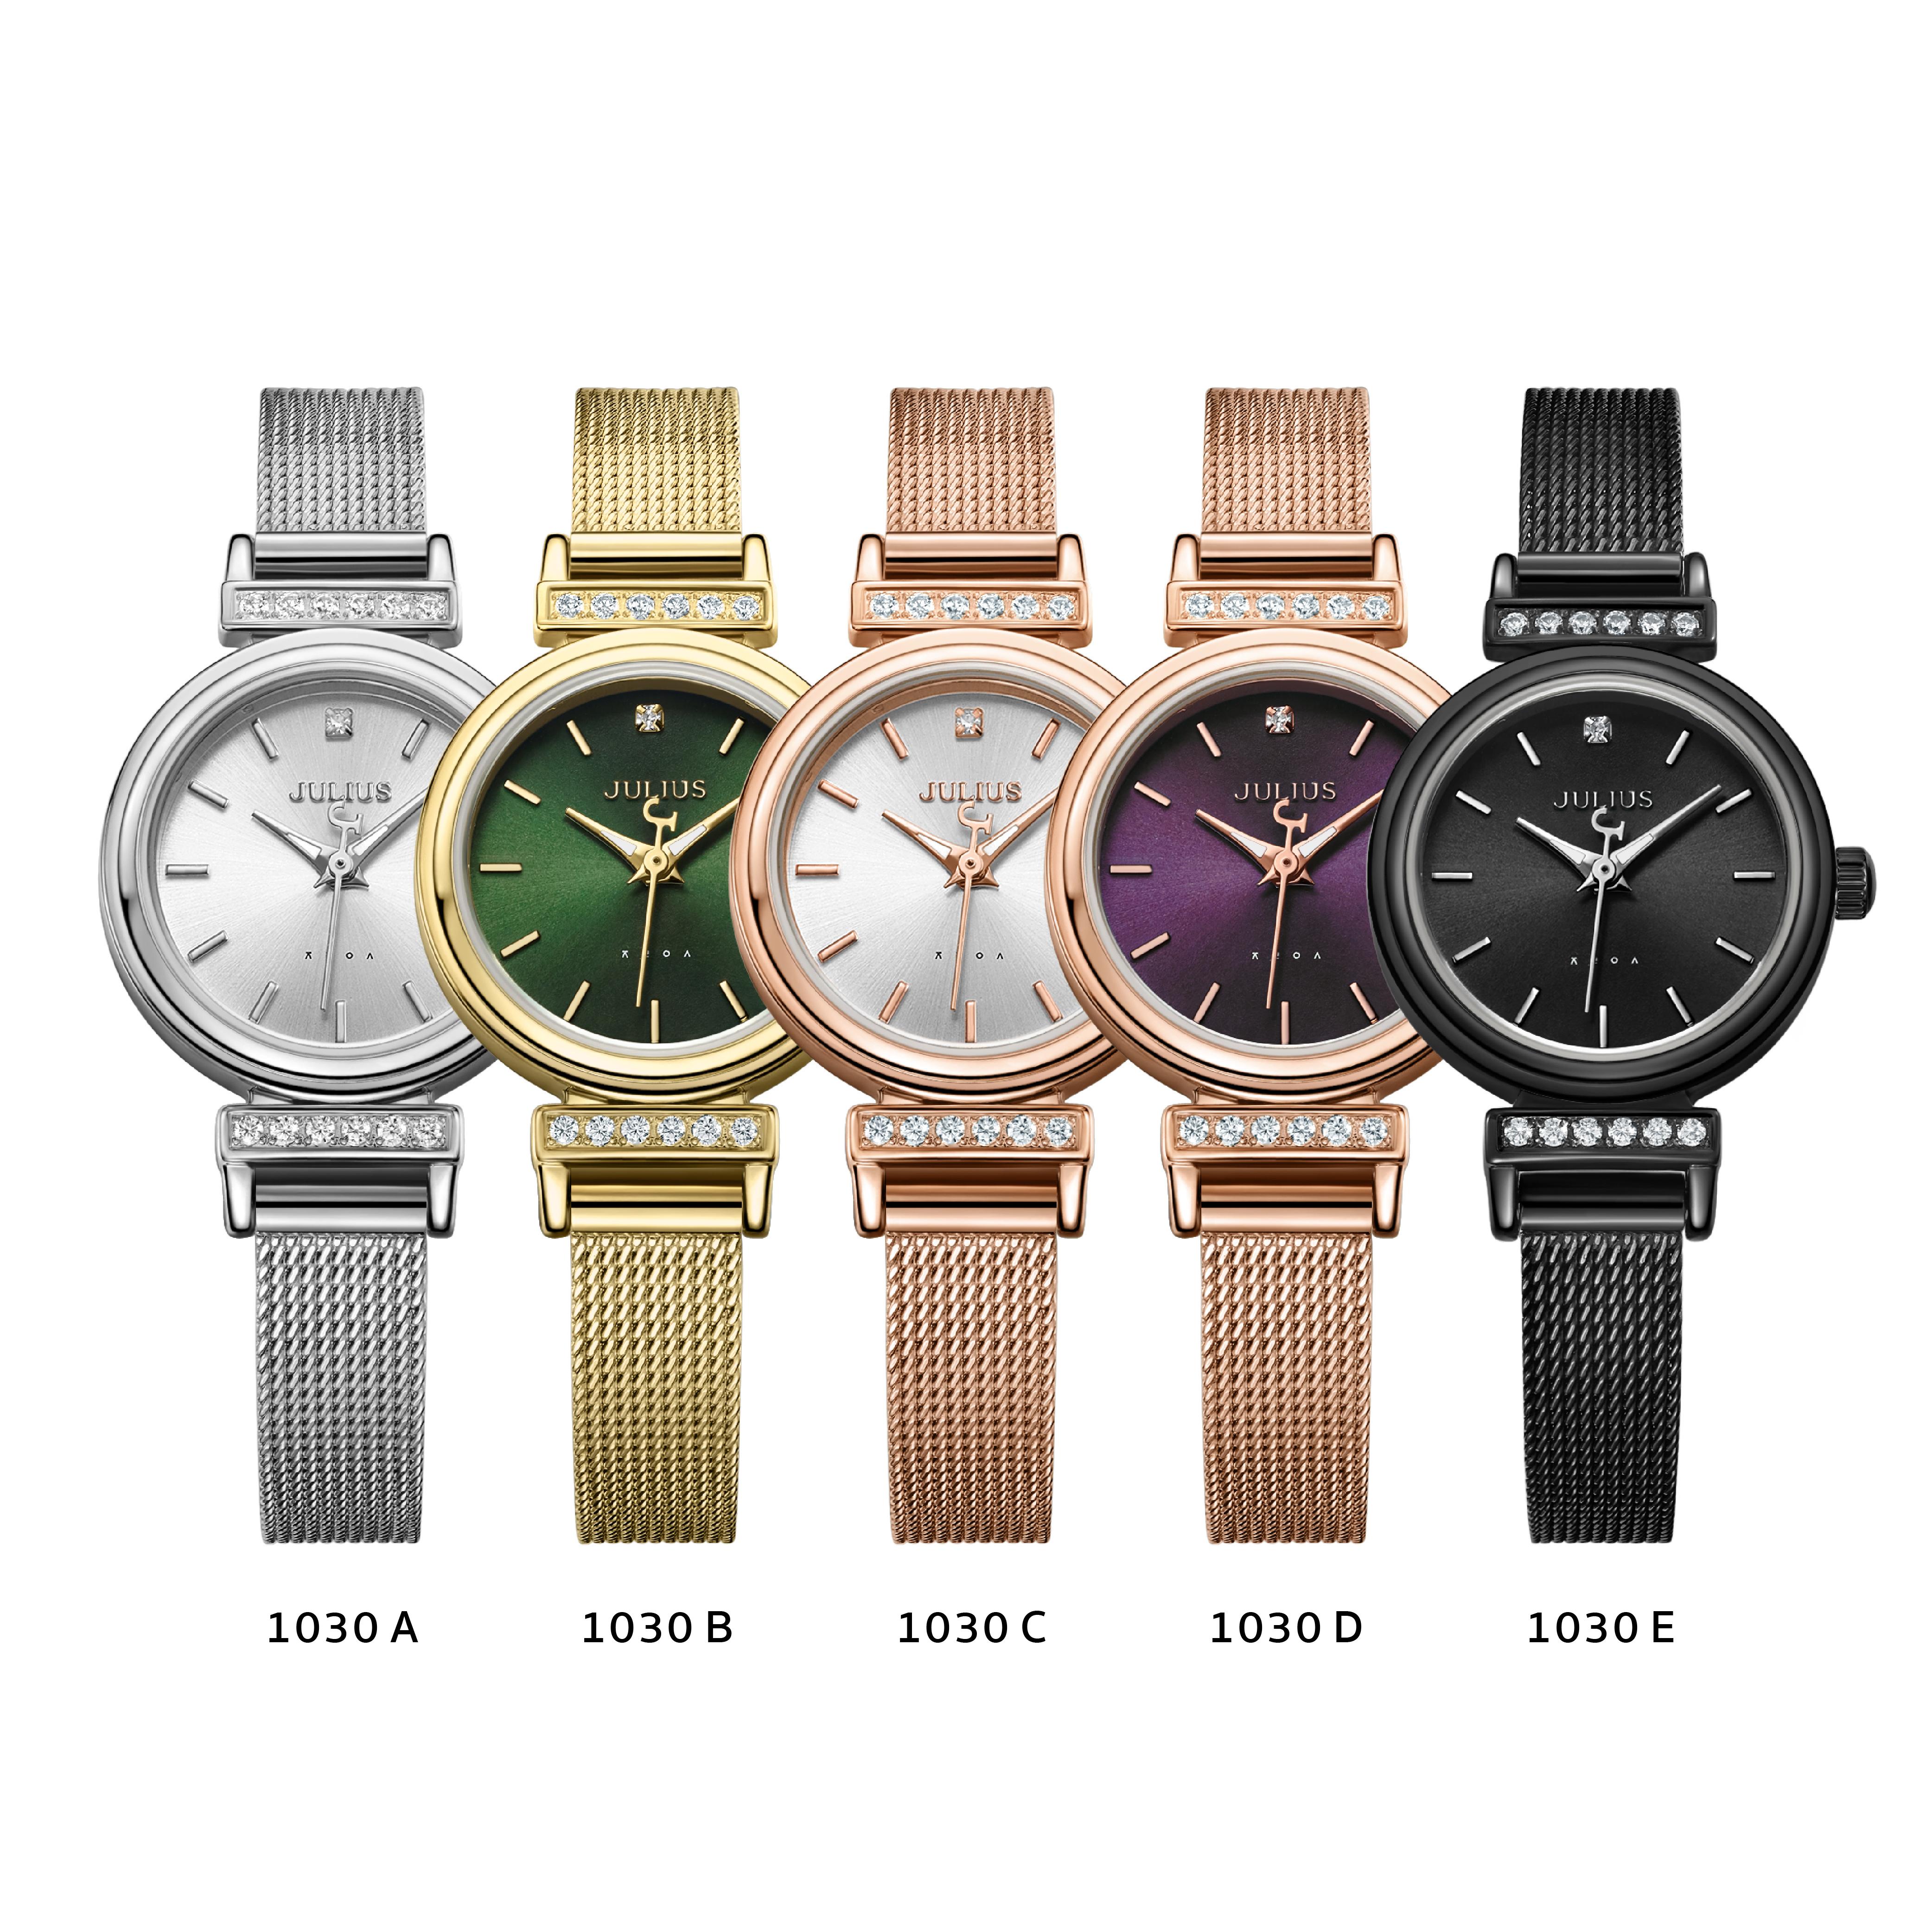 นาฬิกาข้อมือผู้หญิง JULIUS JA-1030 E